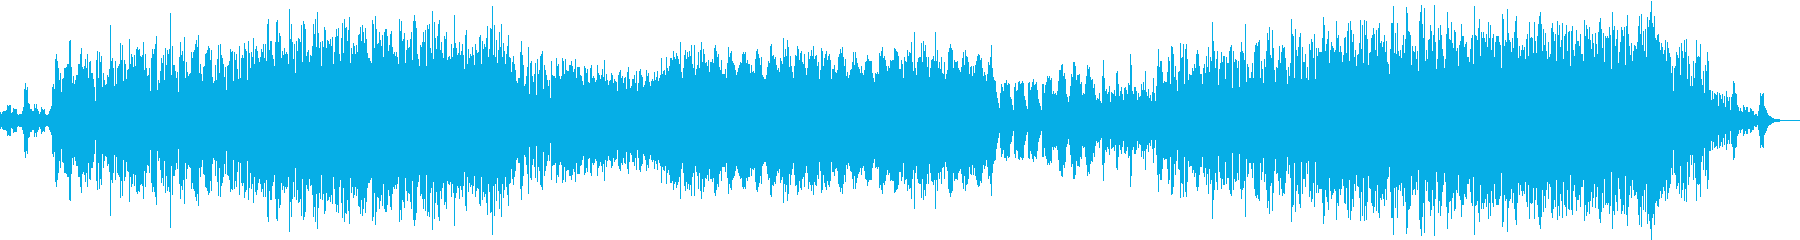 何かが始まると予感させて突き進むテクノ曲の再生済みの波形